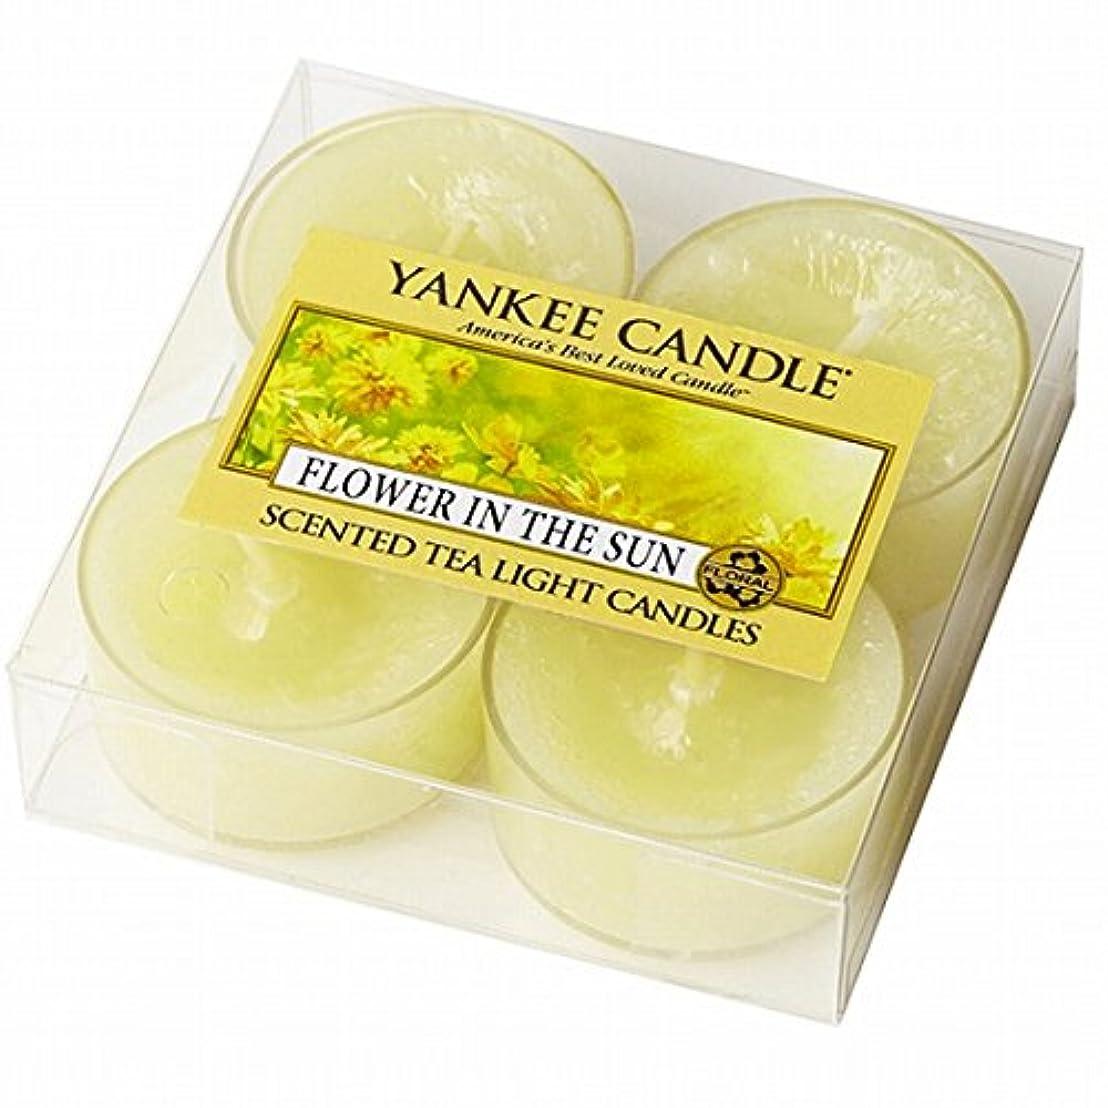 リズムひらめき絶対にYANKEE CANDLE(ヤンキーキャンドル) YANKEE CANDLE クリアカップティーライト4個入り 「フラワーインザサン」(K00205274)